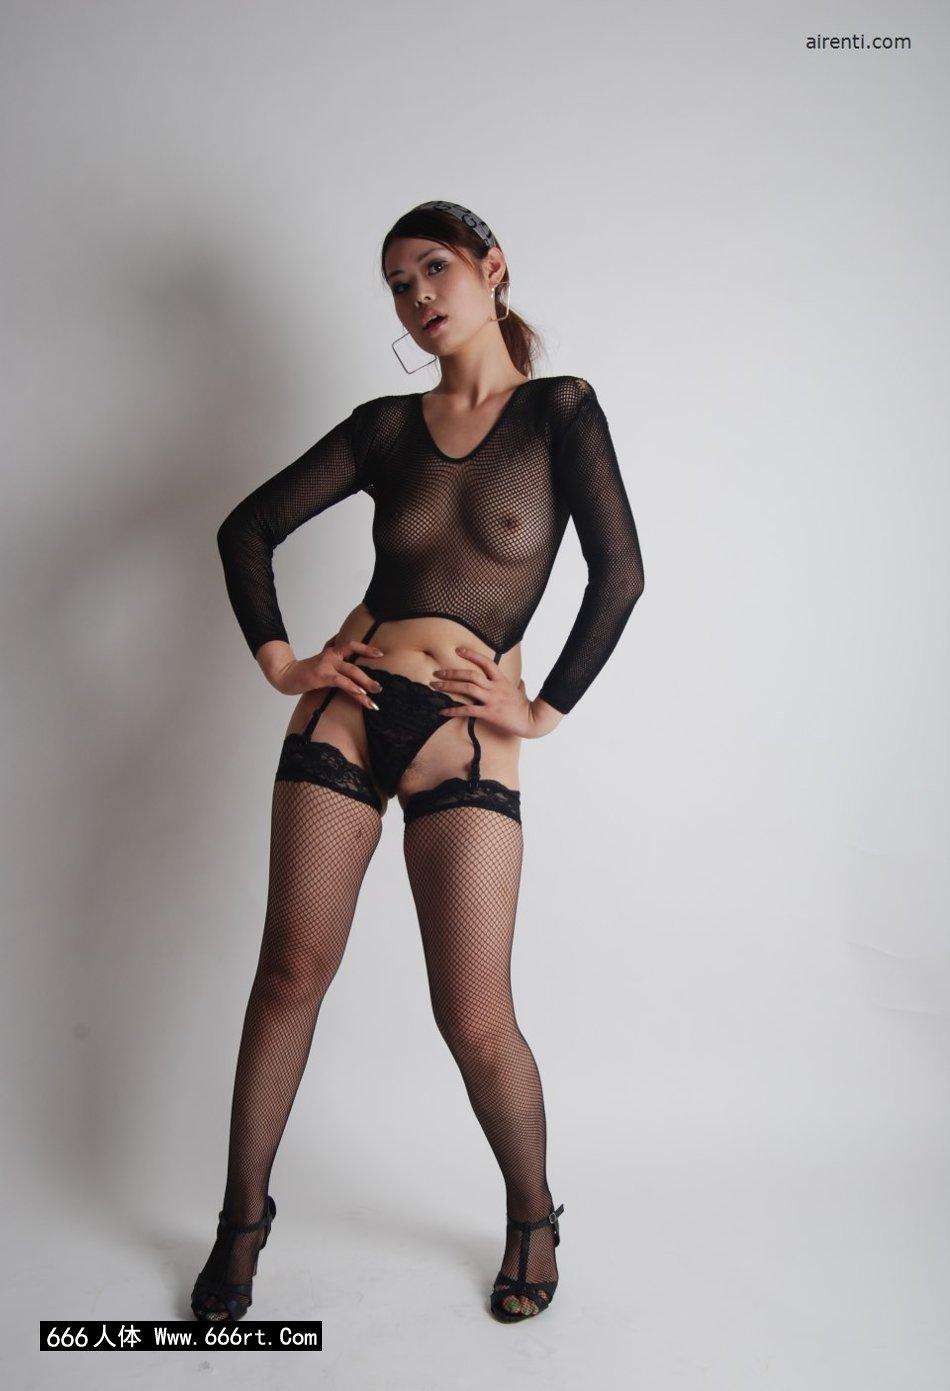 丰腴少女小倩棚拍美丽黑丝网衣